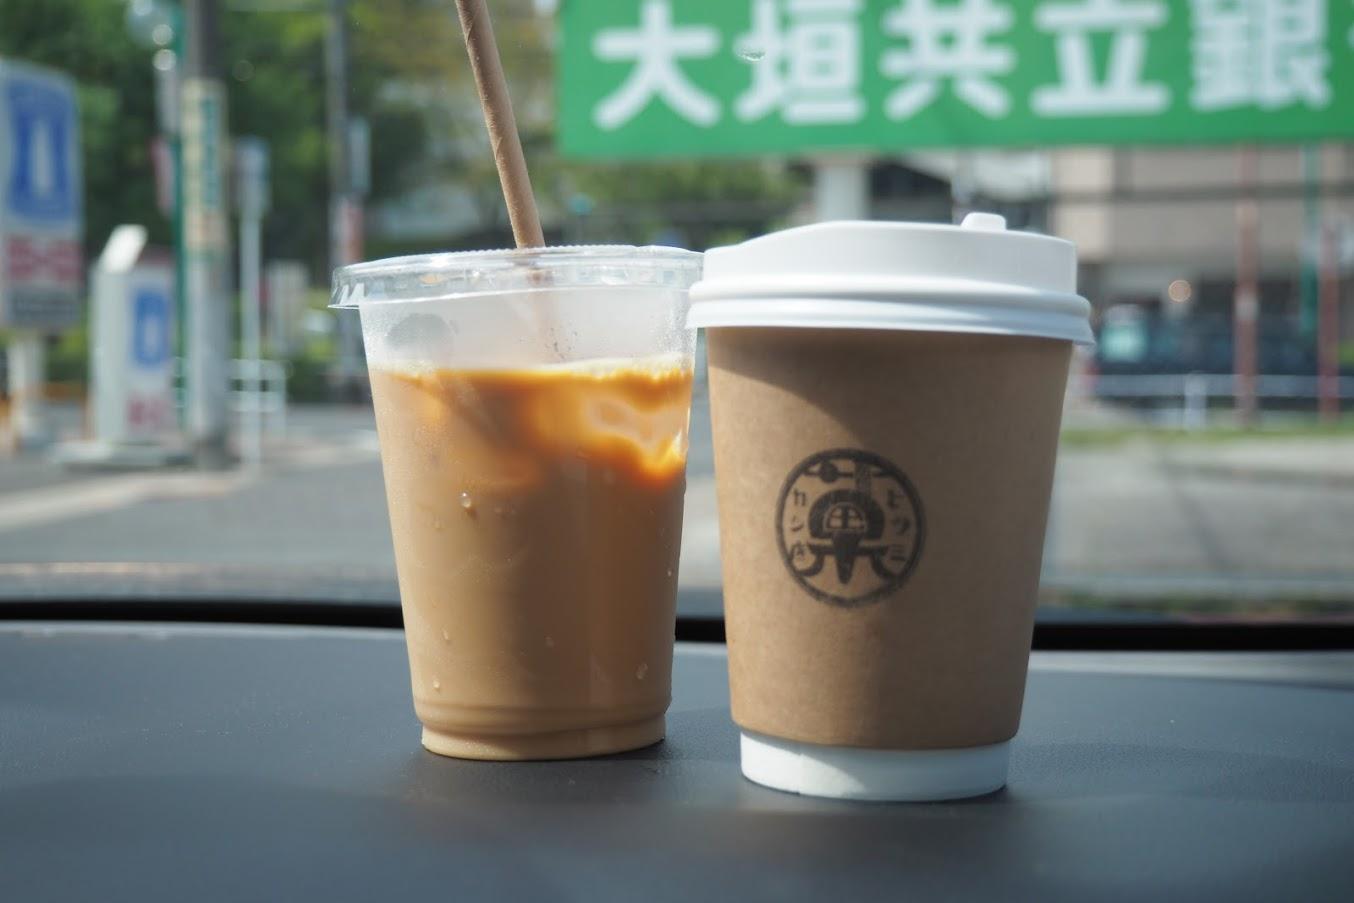 アイスカフェオレとホットコーヒー